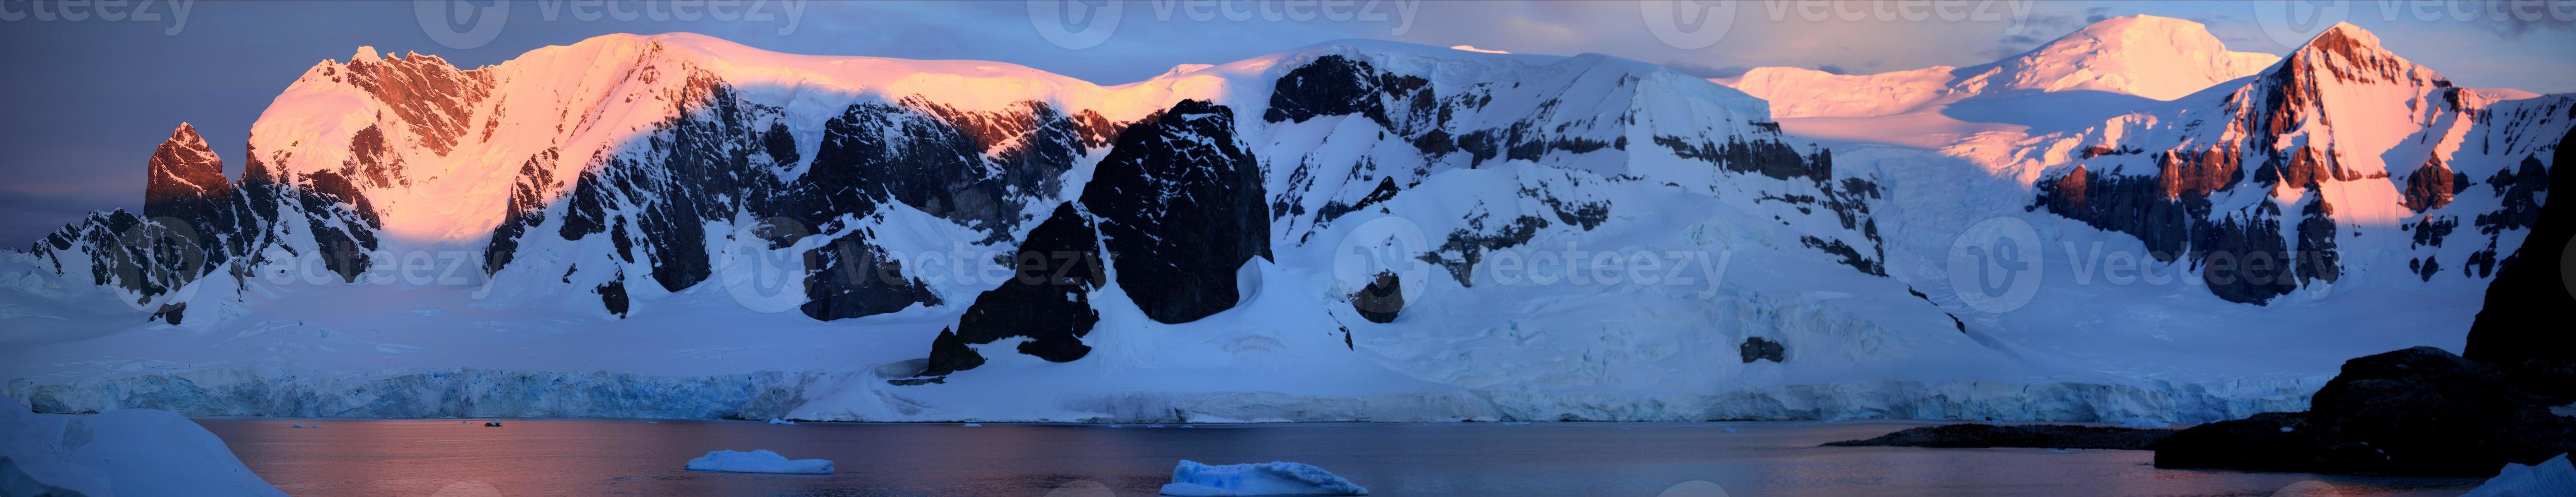 eisberge und landschaften der antarktis arktis photo